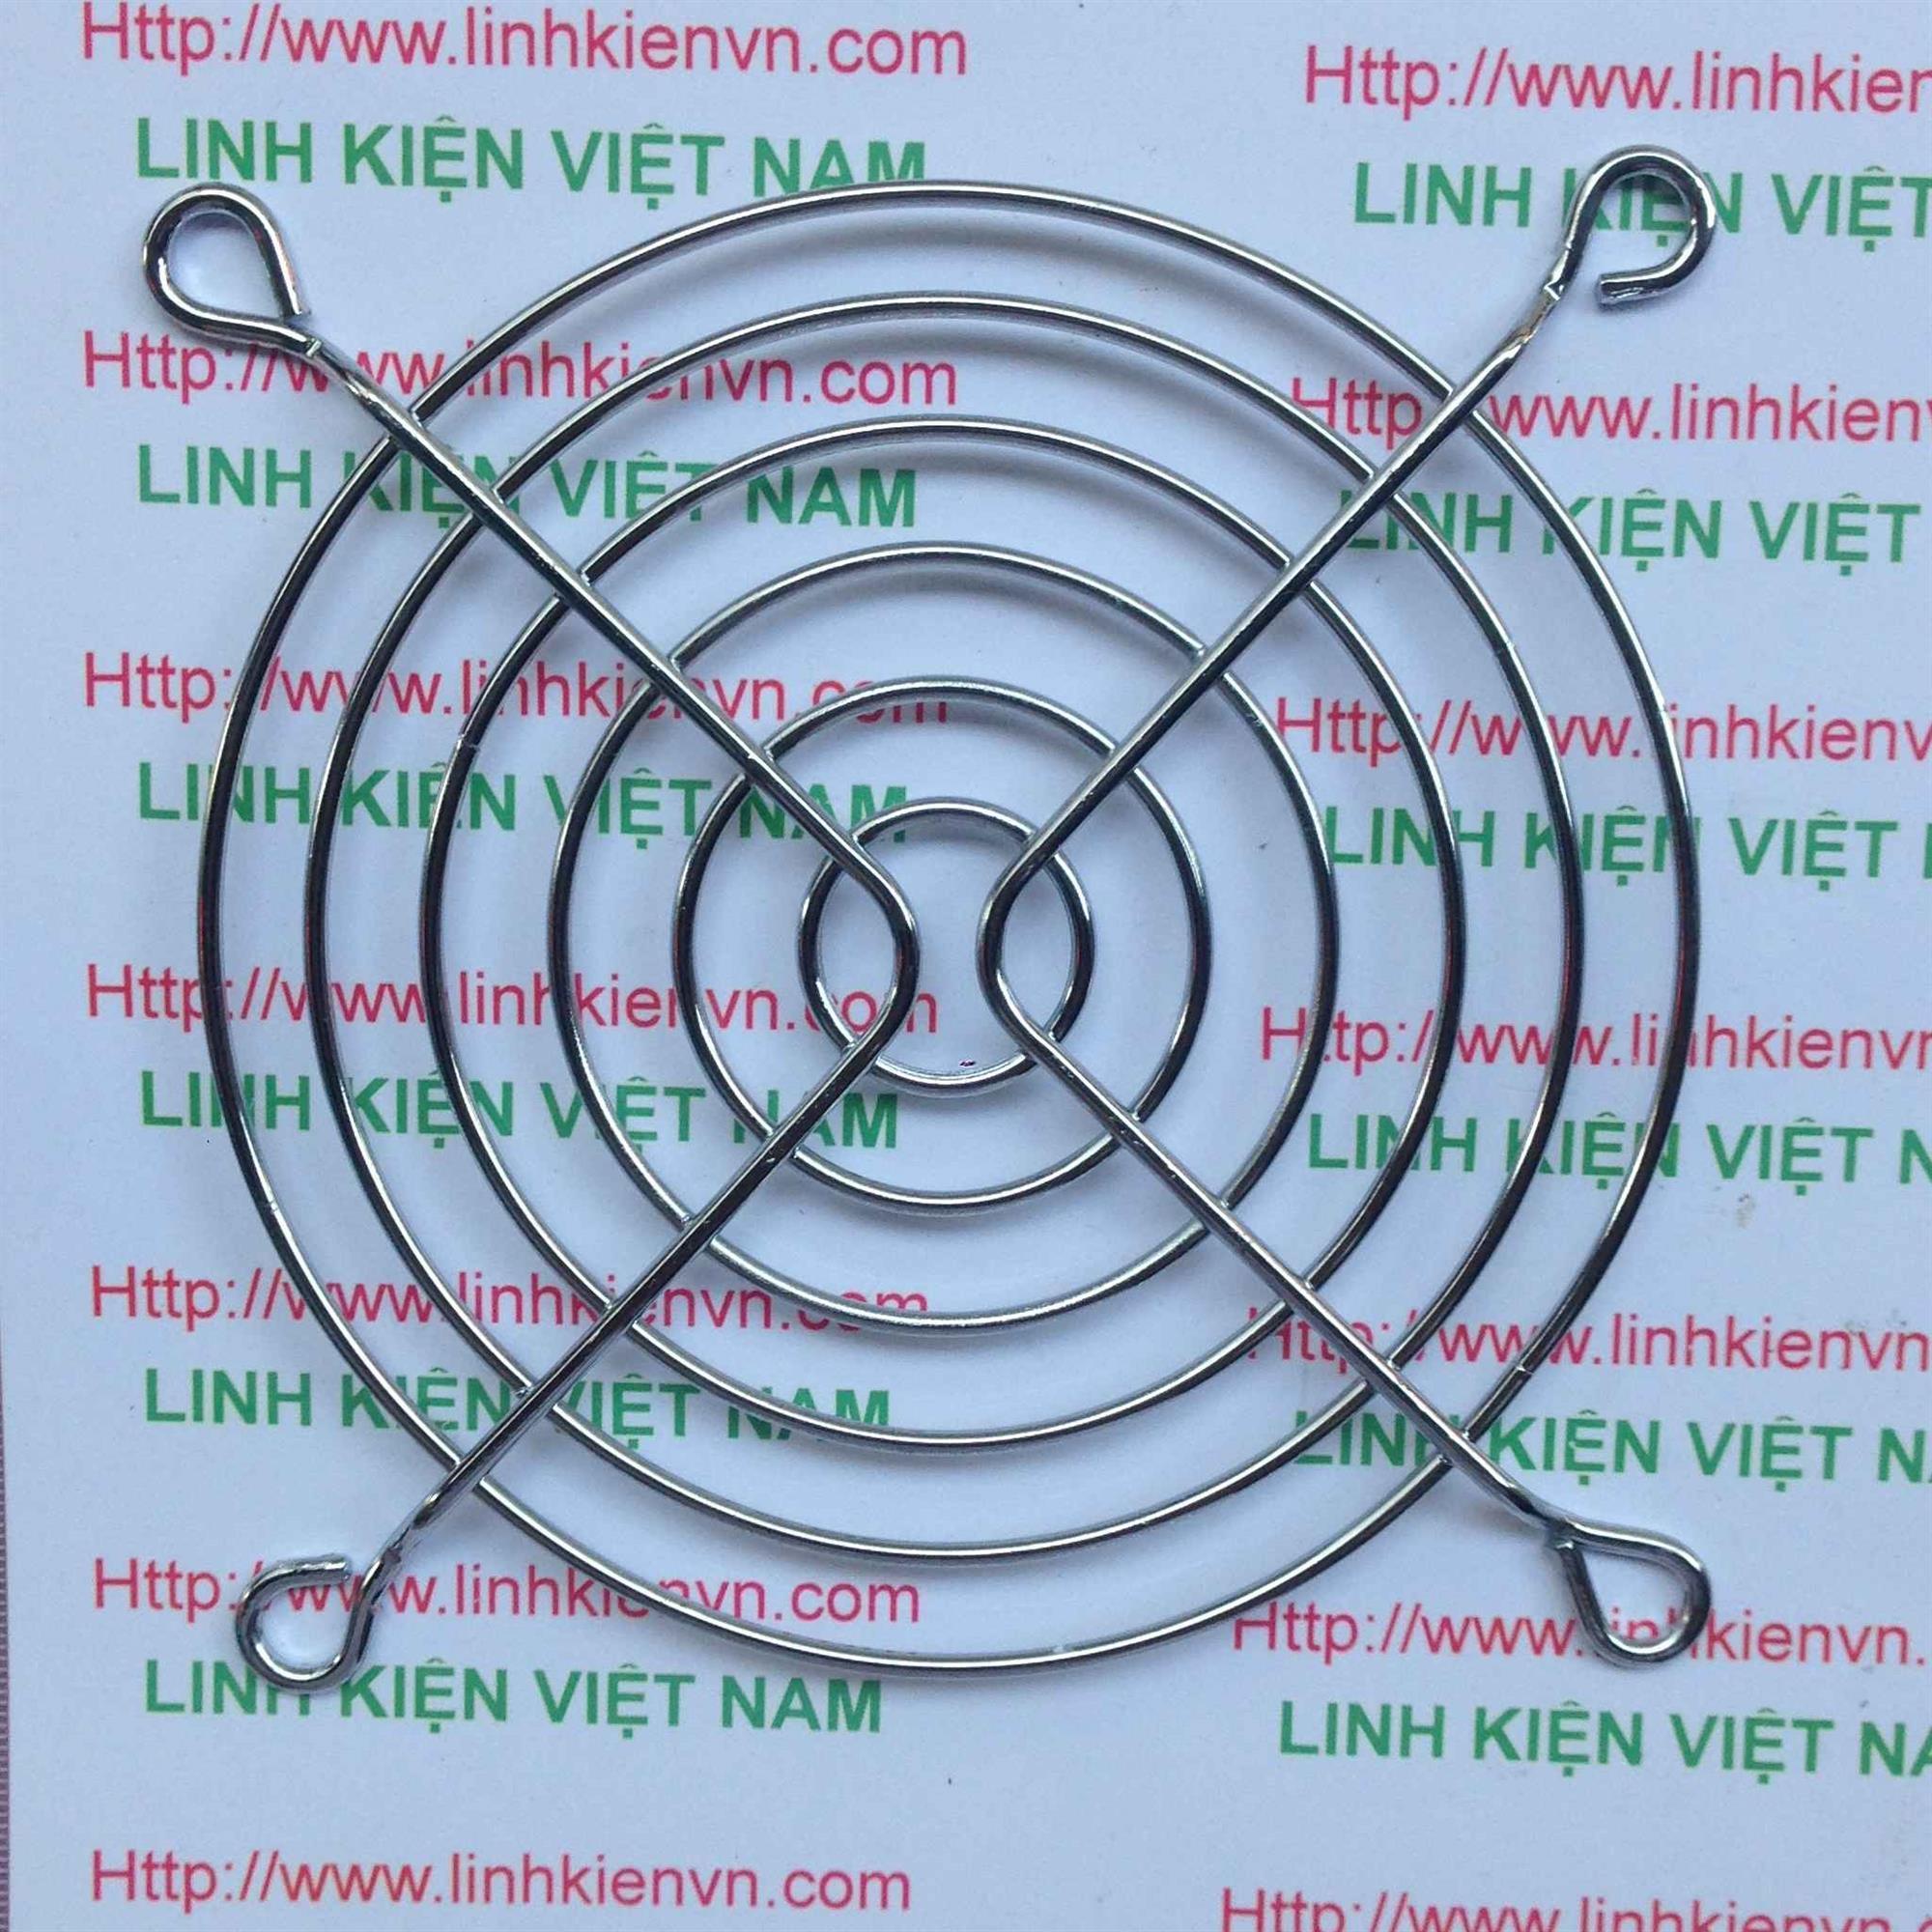 Tấm bảo vệ quạt Fan 9x9 Cm / Miếng bảo vệ fan / Lưới bảo vệ Fan / Phụ kiện Fan / Tấm bảo vệ cho quạt Fan 9x9 Cm - (KA5H3)